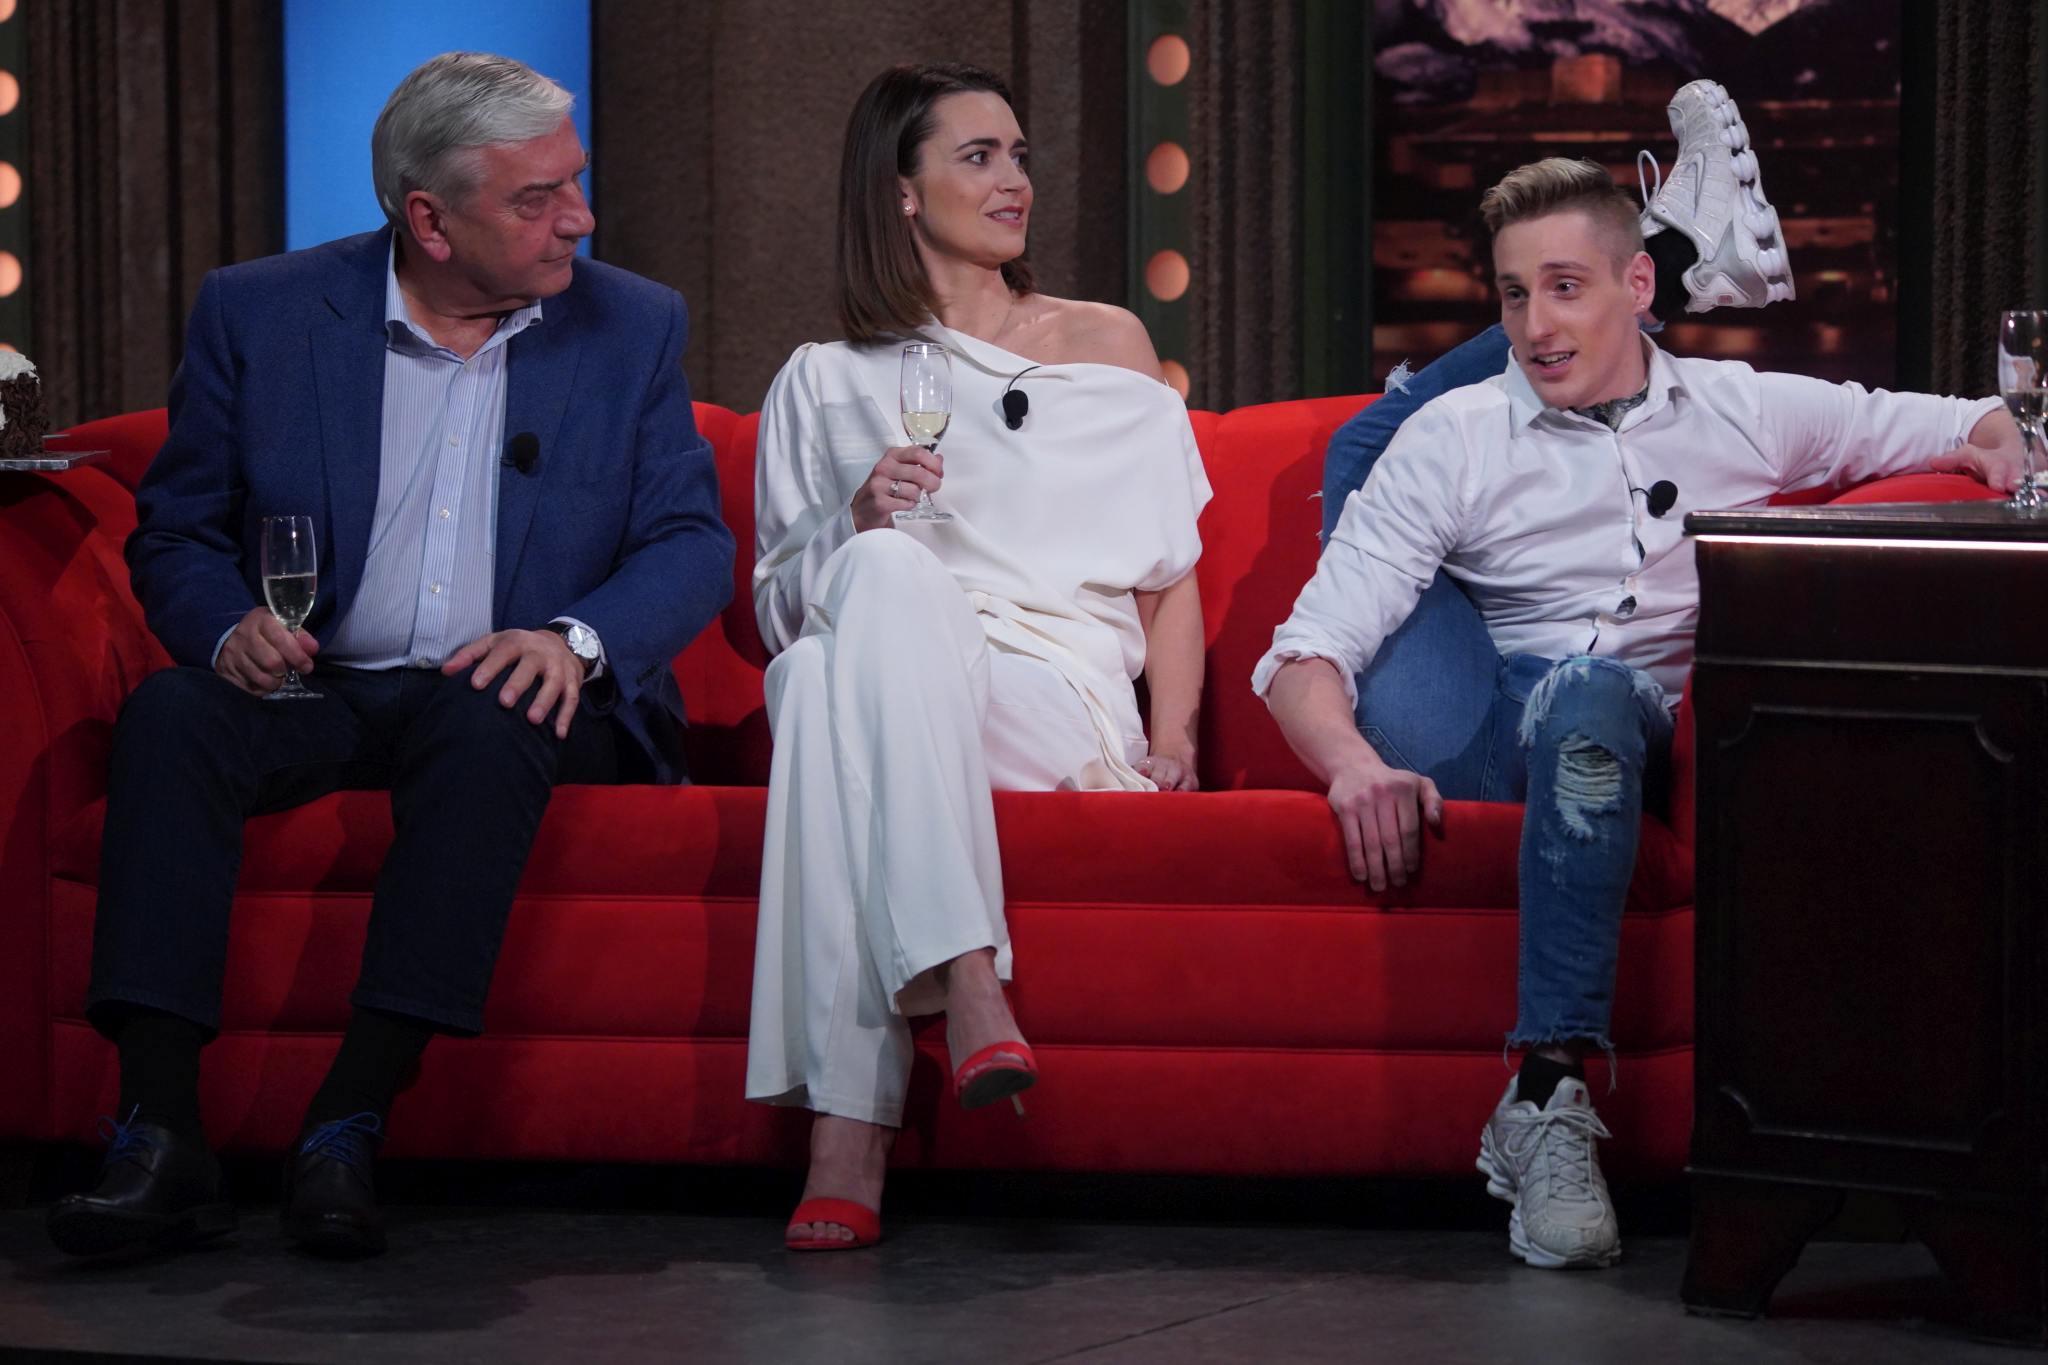 Herec Miroslav Donutil, moderátorka Daniela Písařovicová a hadí muž Ludvík Janíček Berousek v SJK 3. 2. 2021